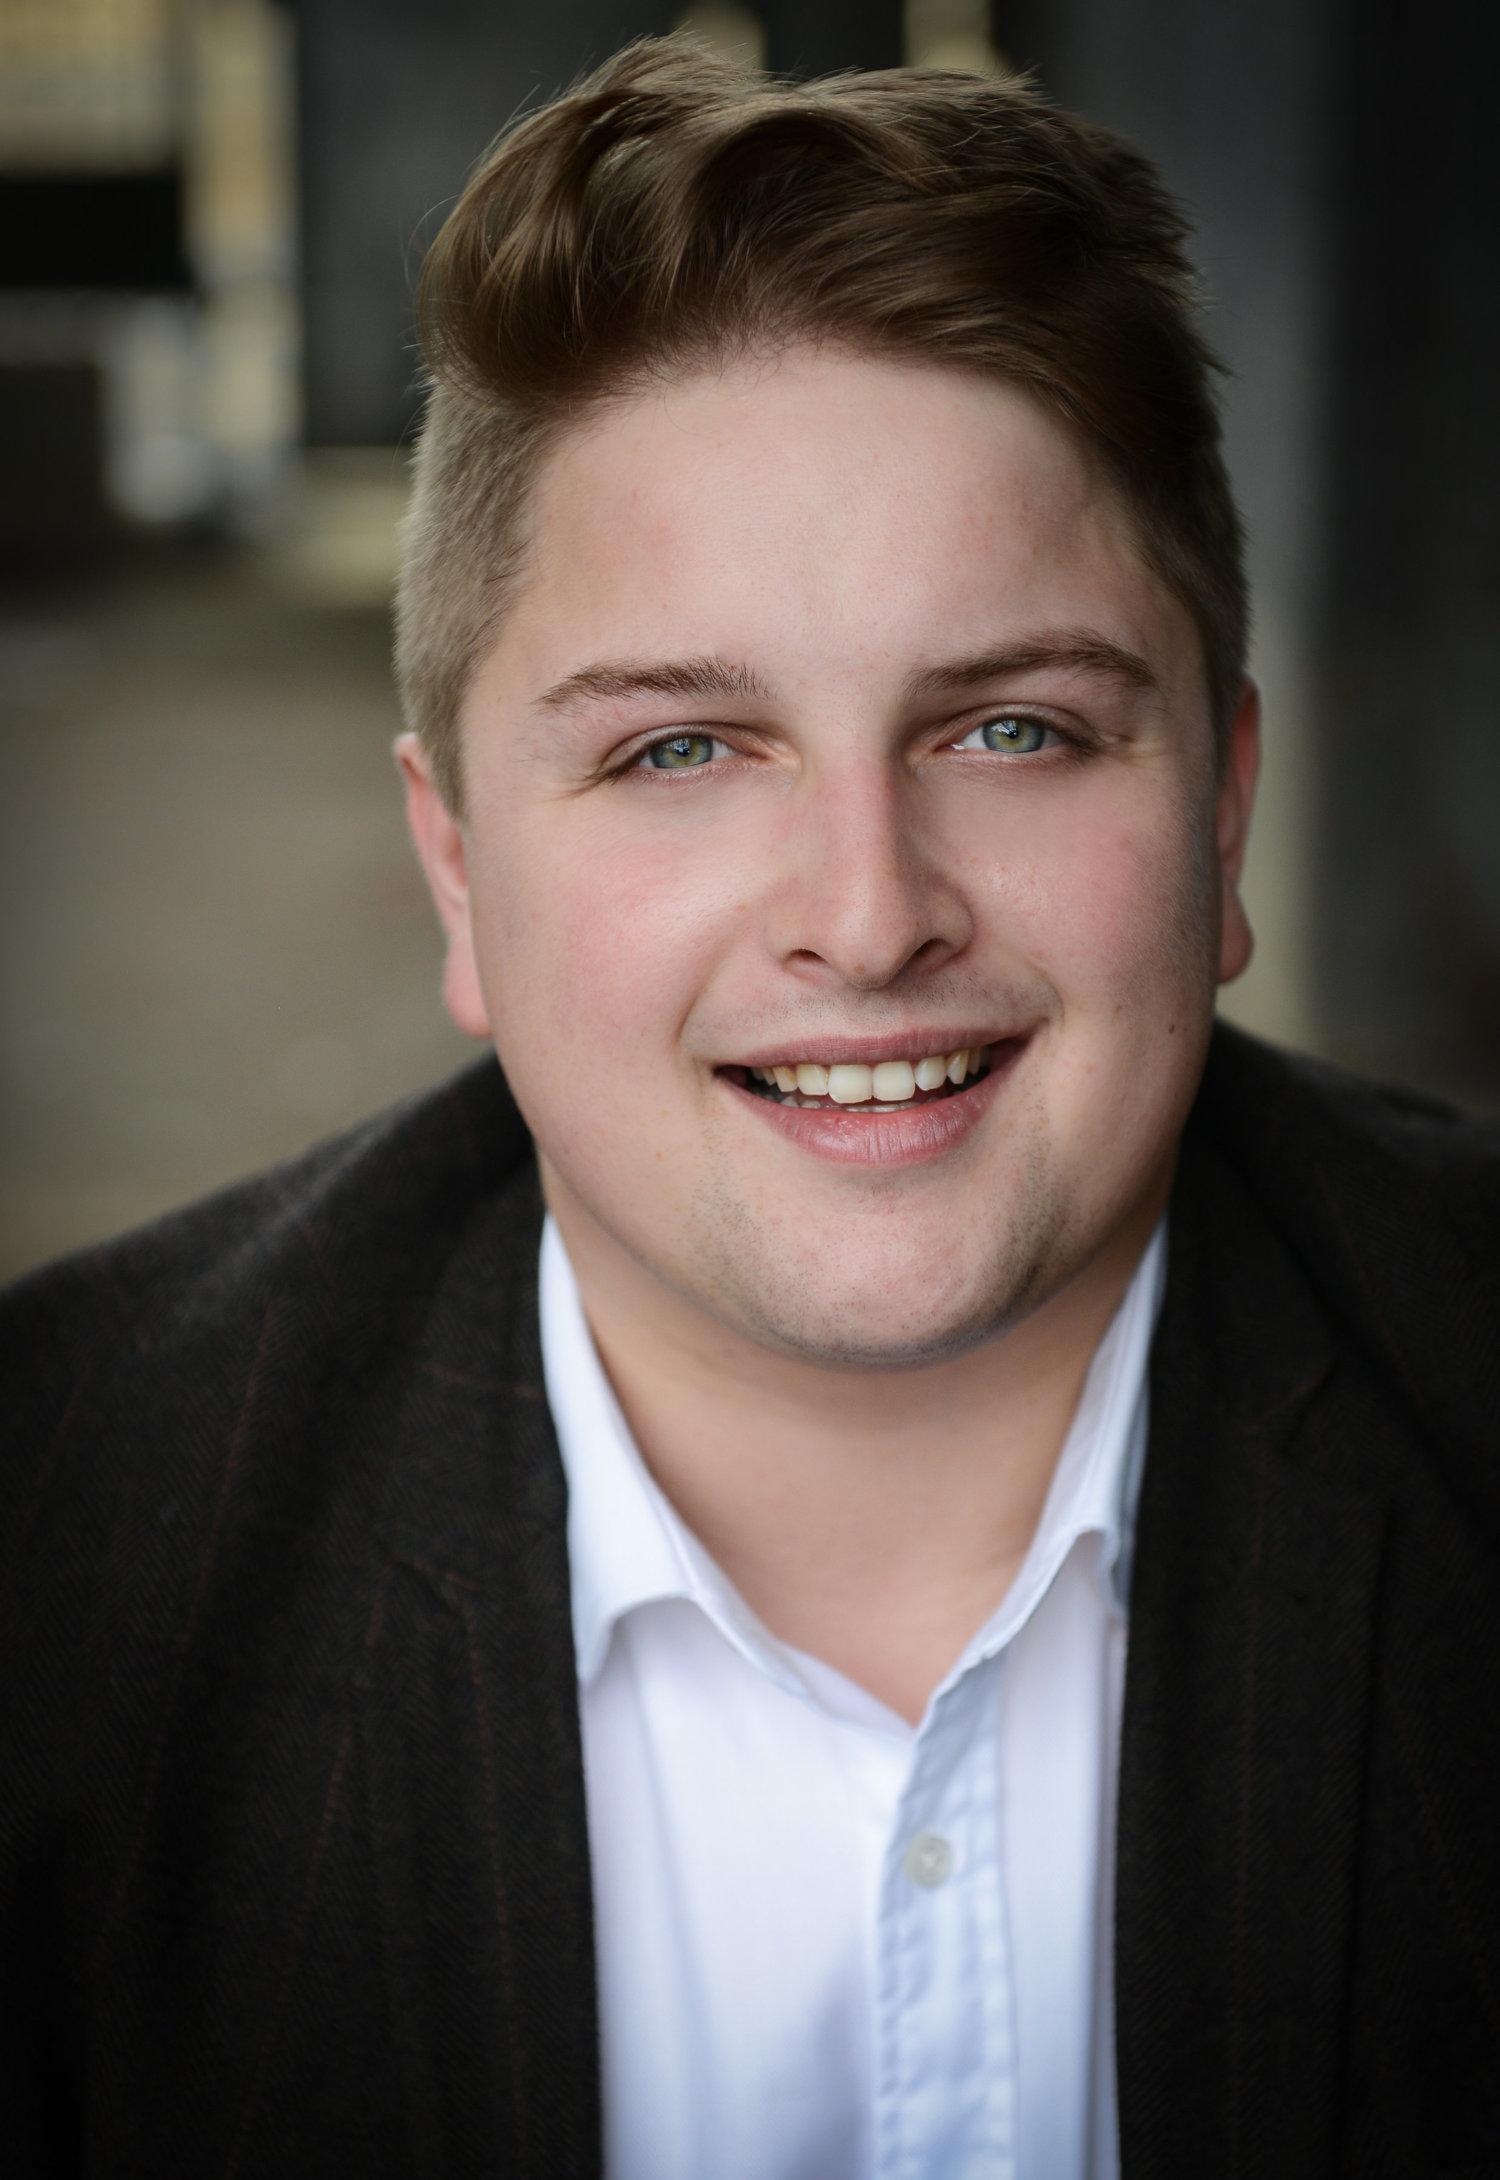 Nathan James Dearden